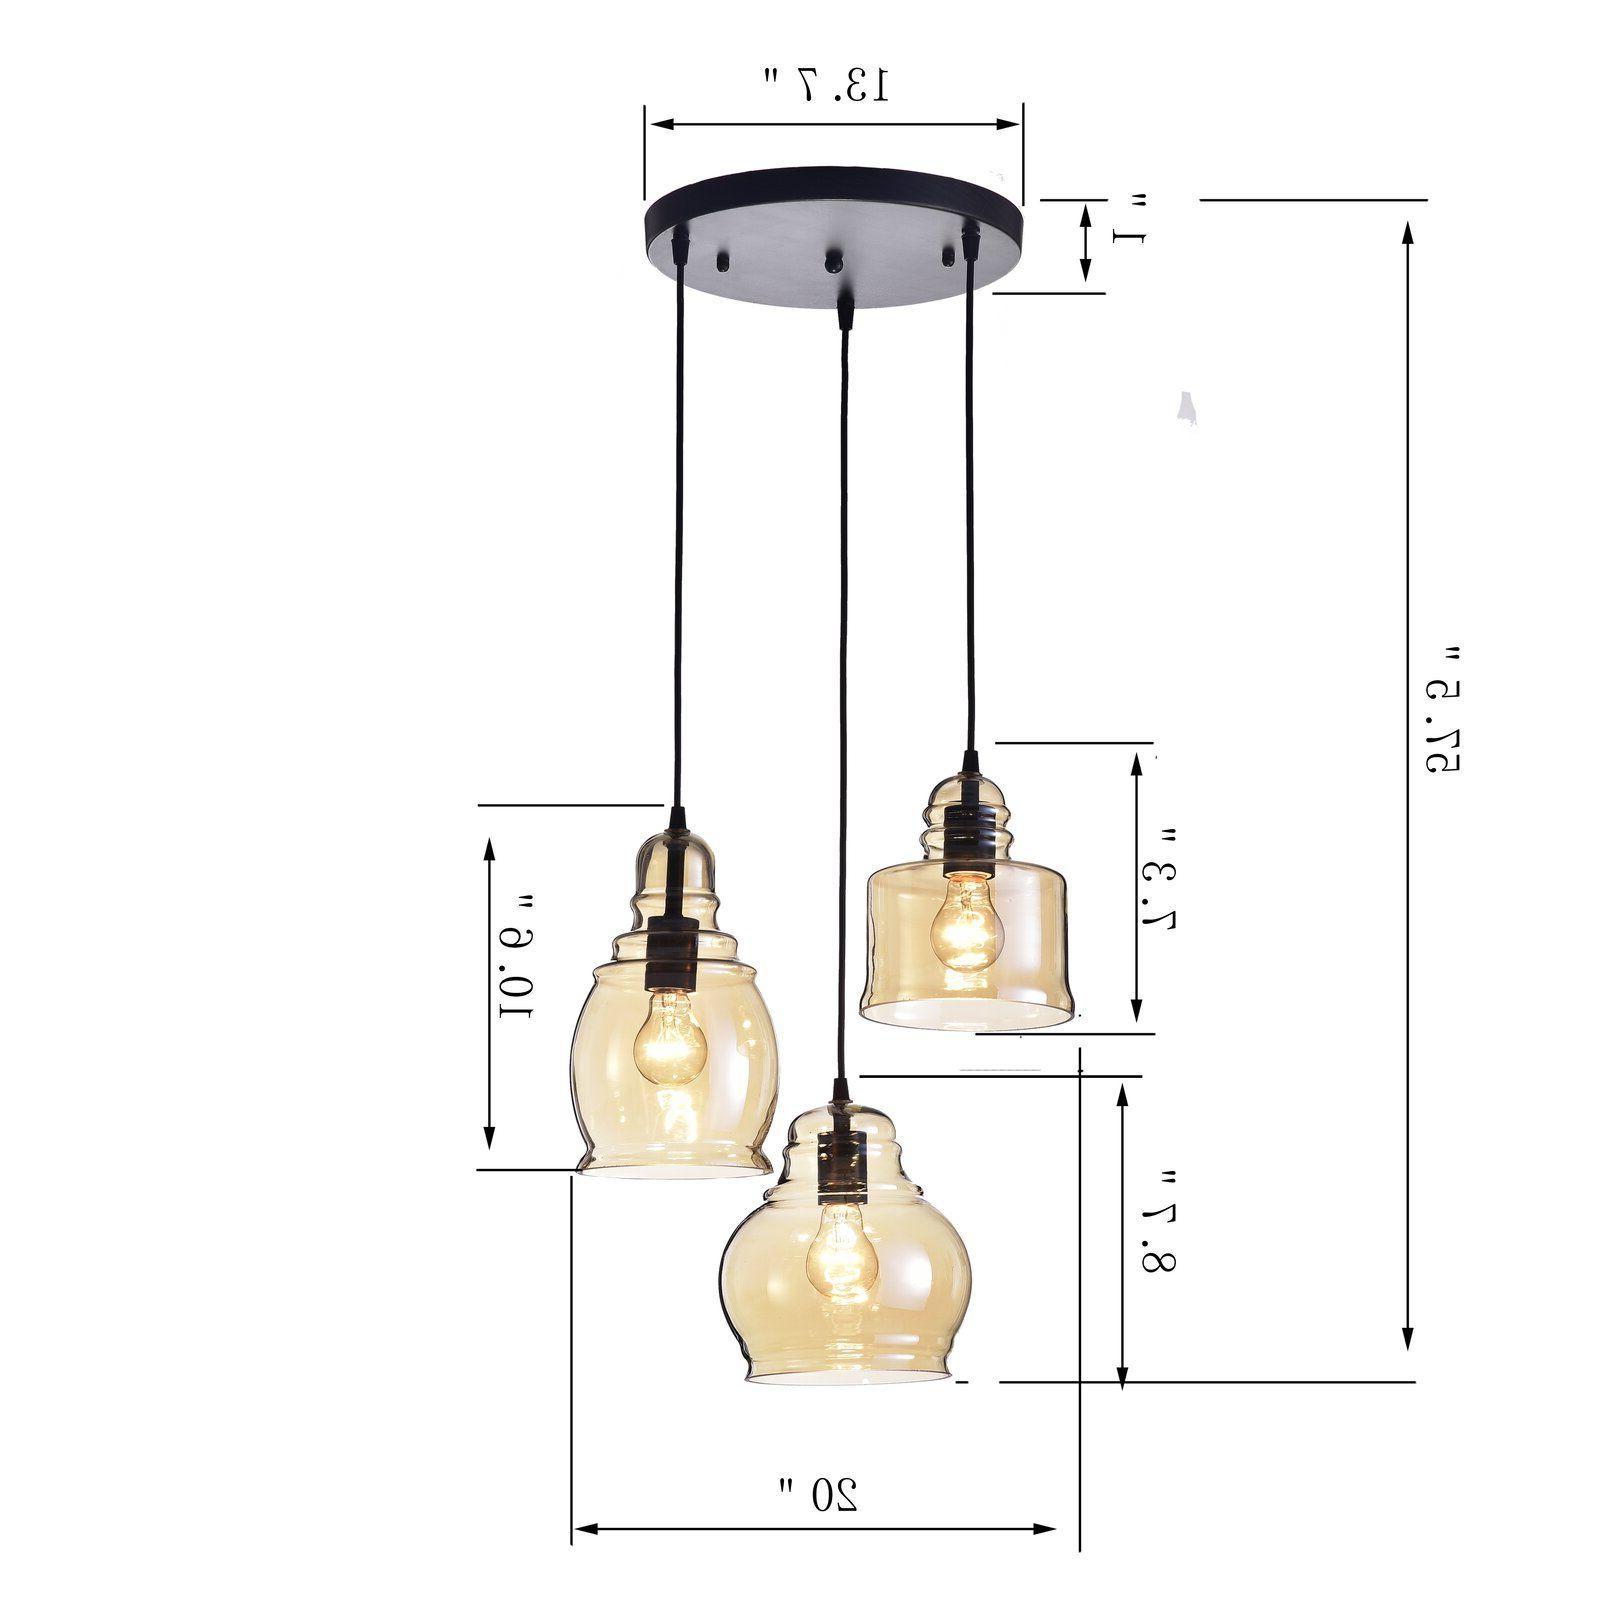 Current Pruett Cognac 3 Light Cluster Bell Pendants Regarding Three Posts Vernice Vintage 3 Light Cluster Bell Pendant In (Gallery 7 of 20)